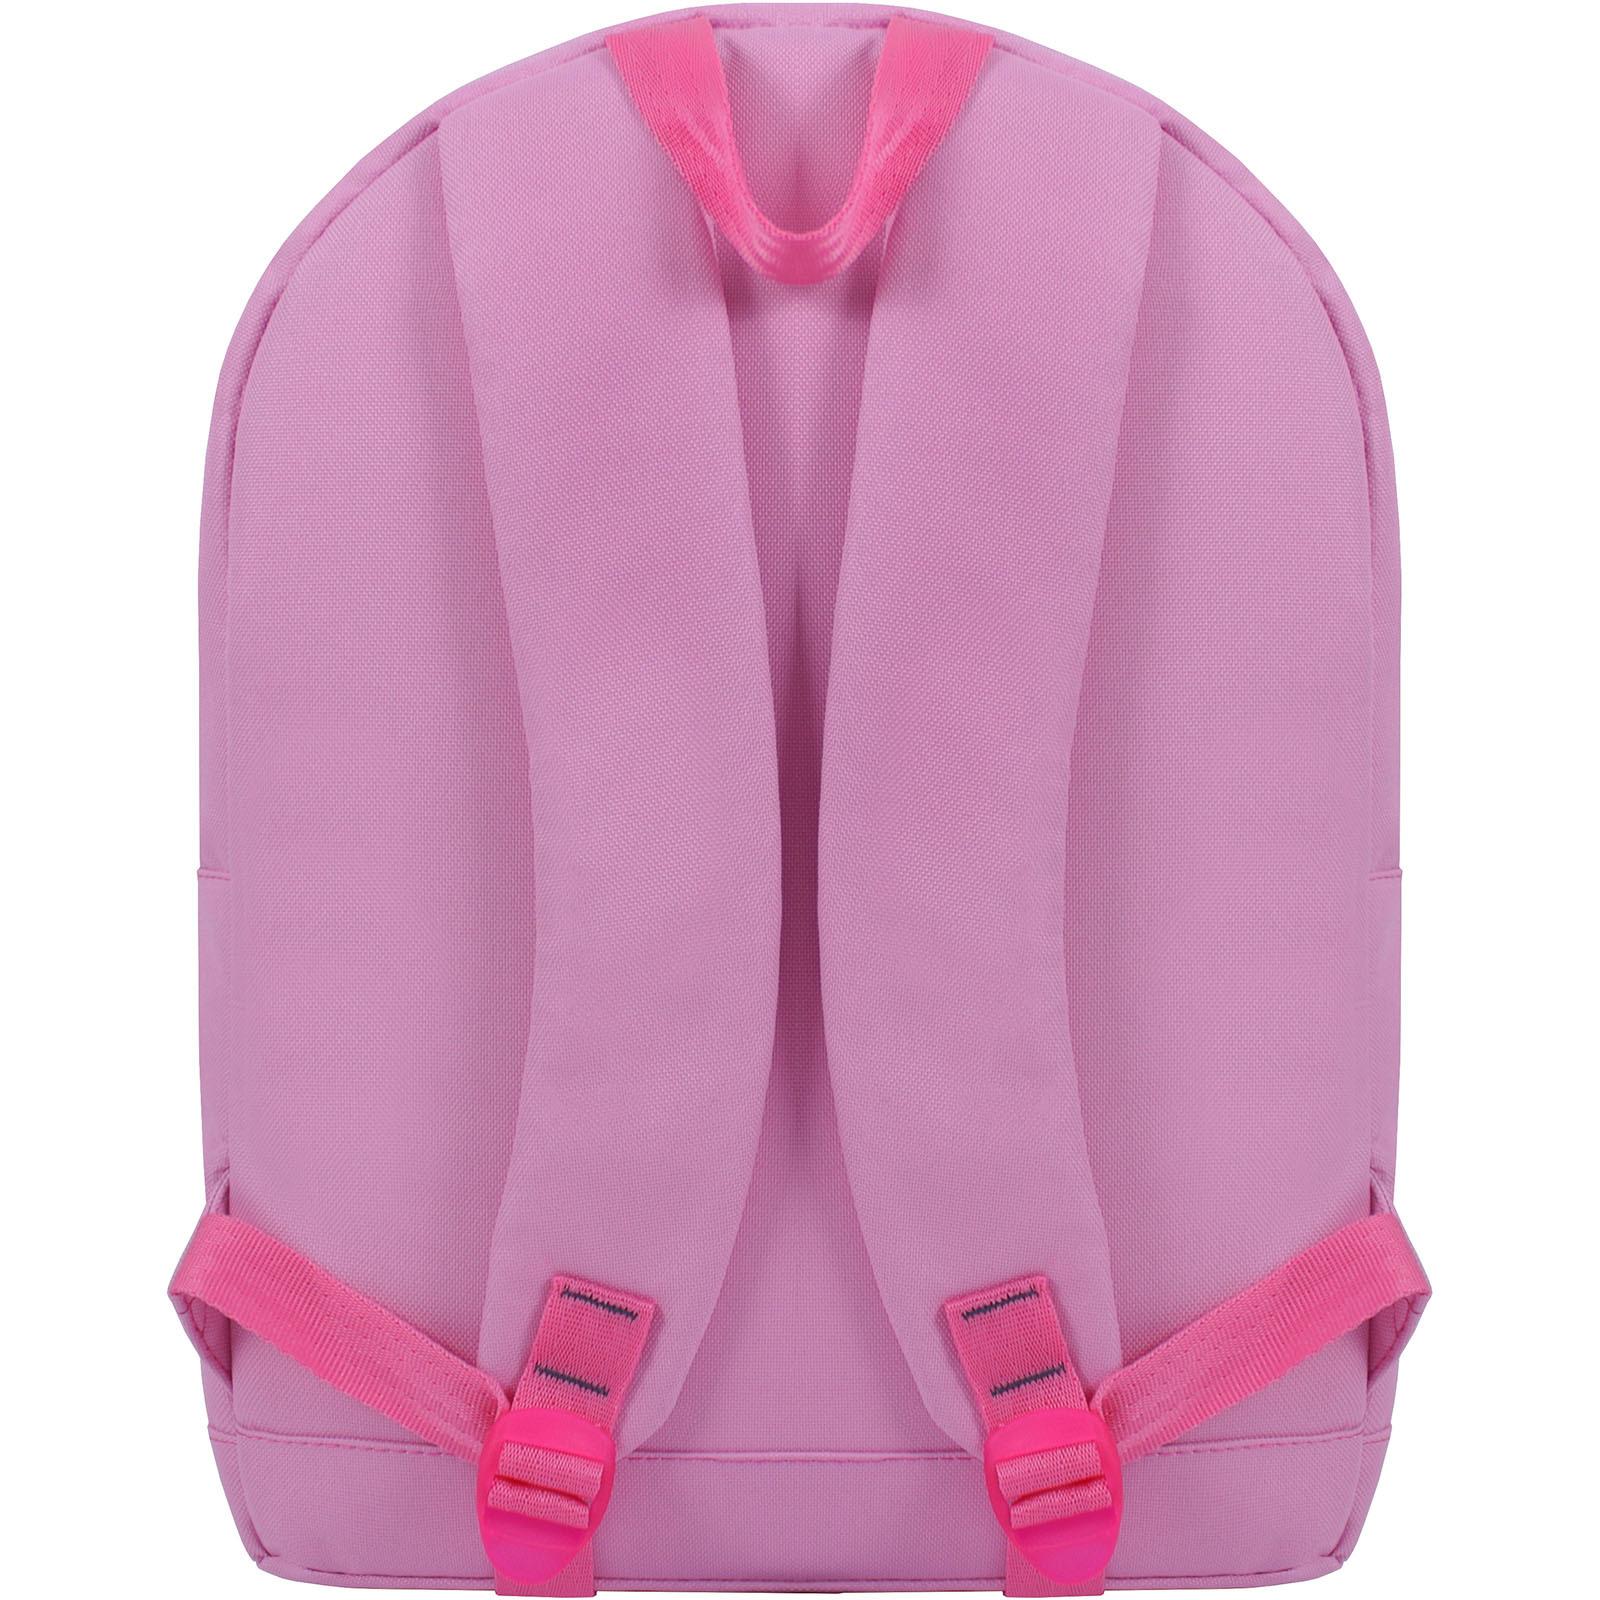 Рюкзак Bagland Молодежный W/R 17 л. розовый (00533662) фото 3